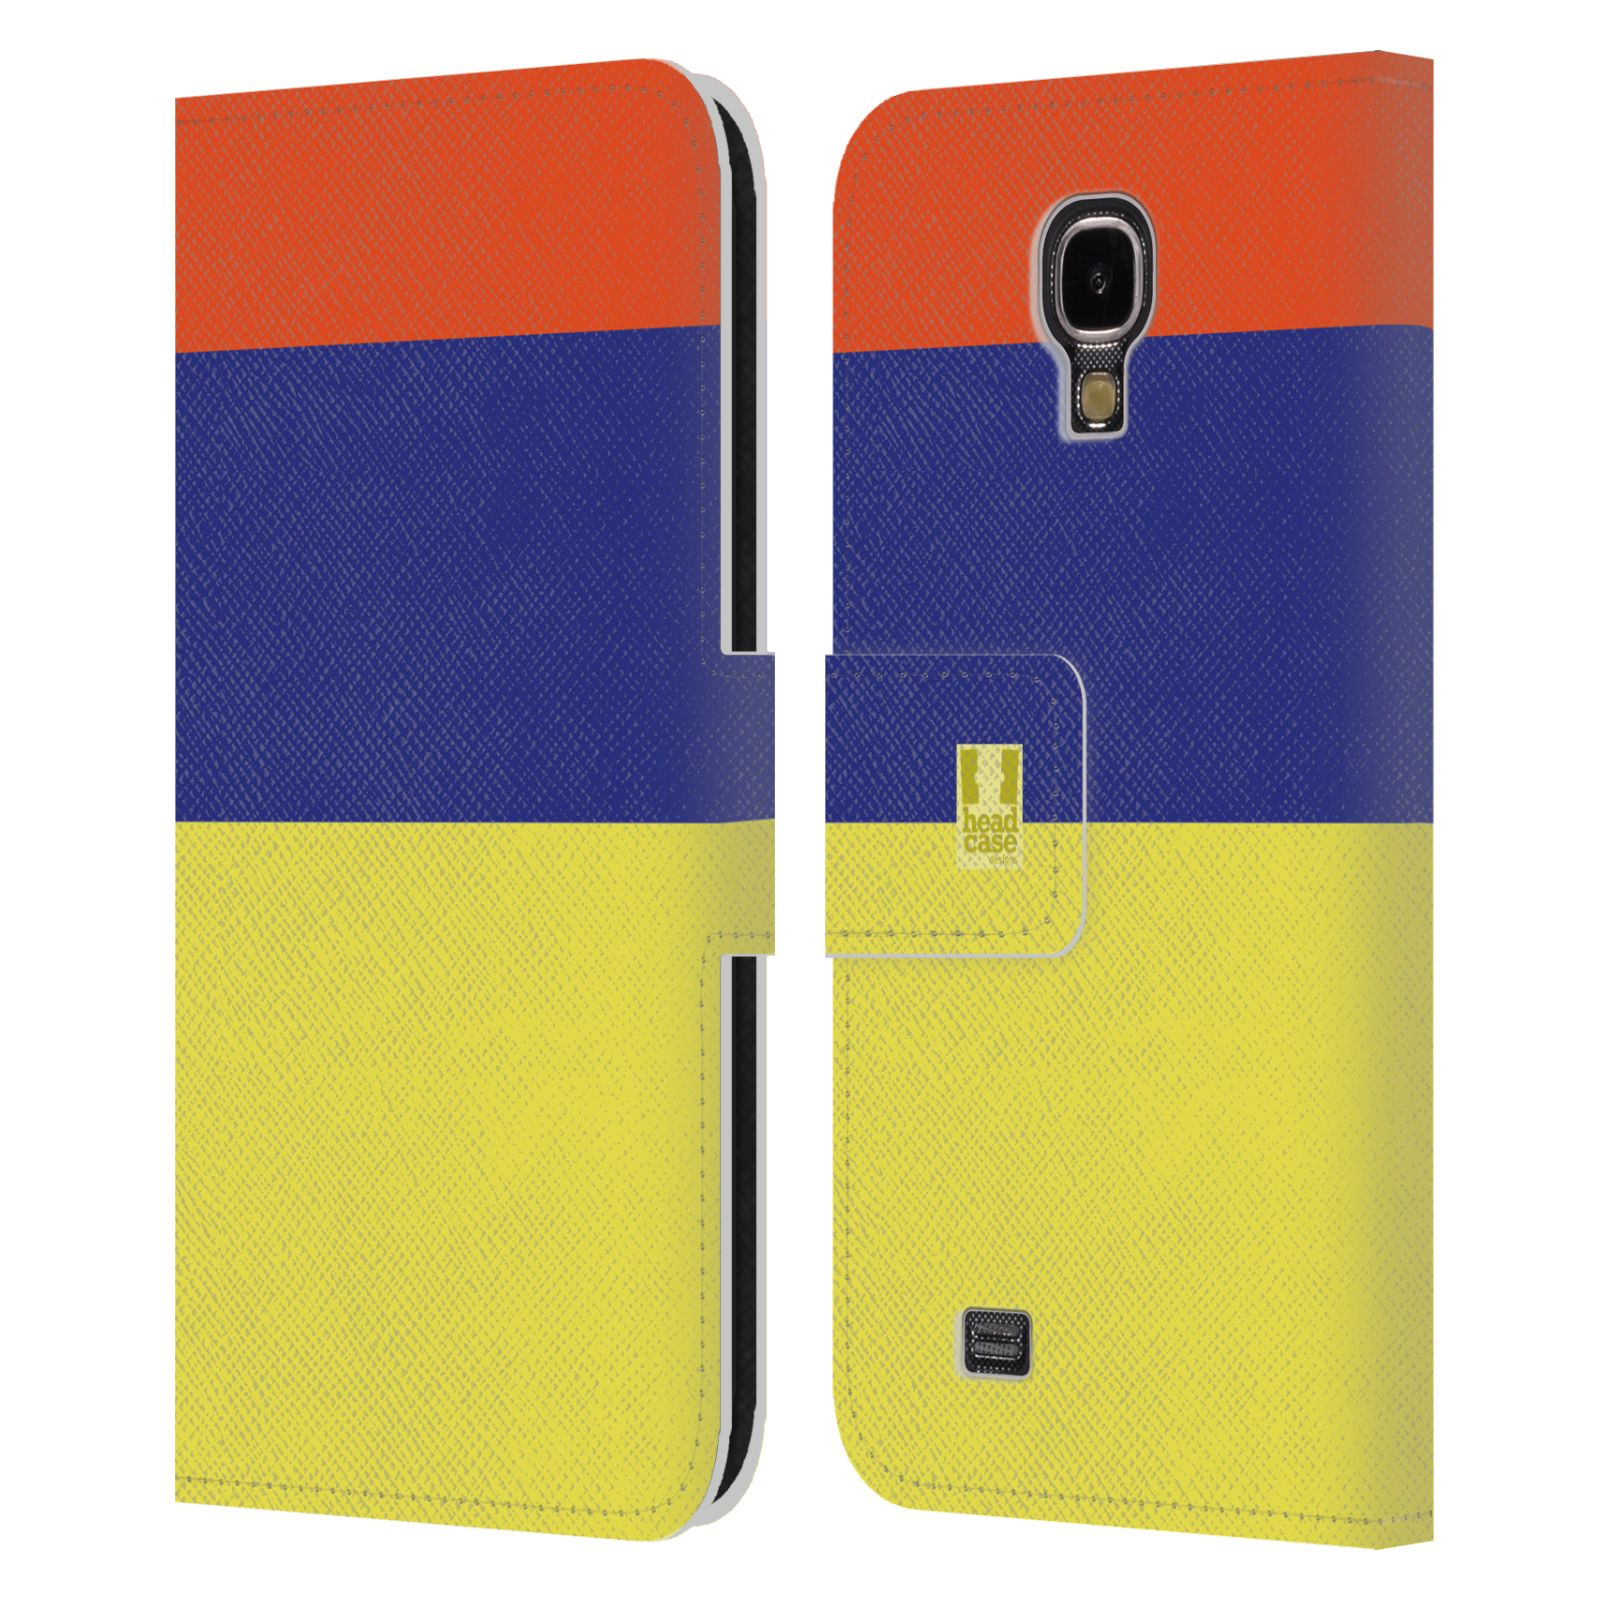 HEAD CASE Flipové pouzdro pro mobil Samsung Galaxy S4 I9500 barevné tvary žlutá, modrá, červená